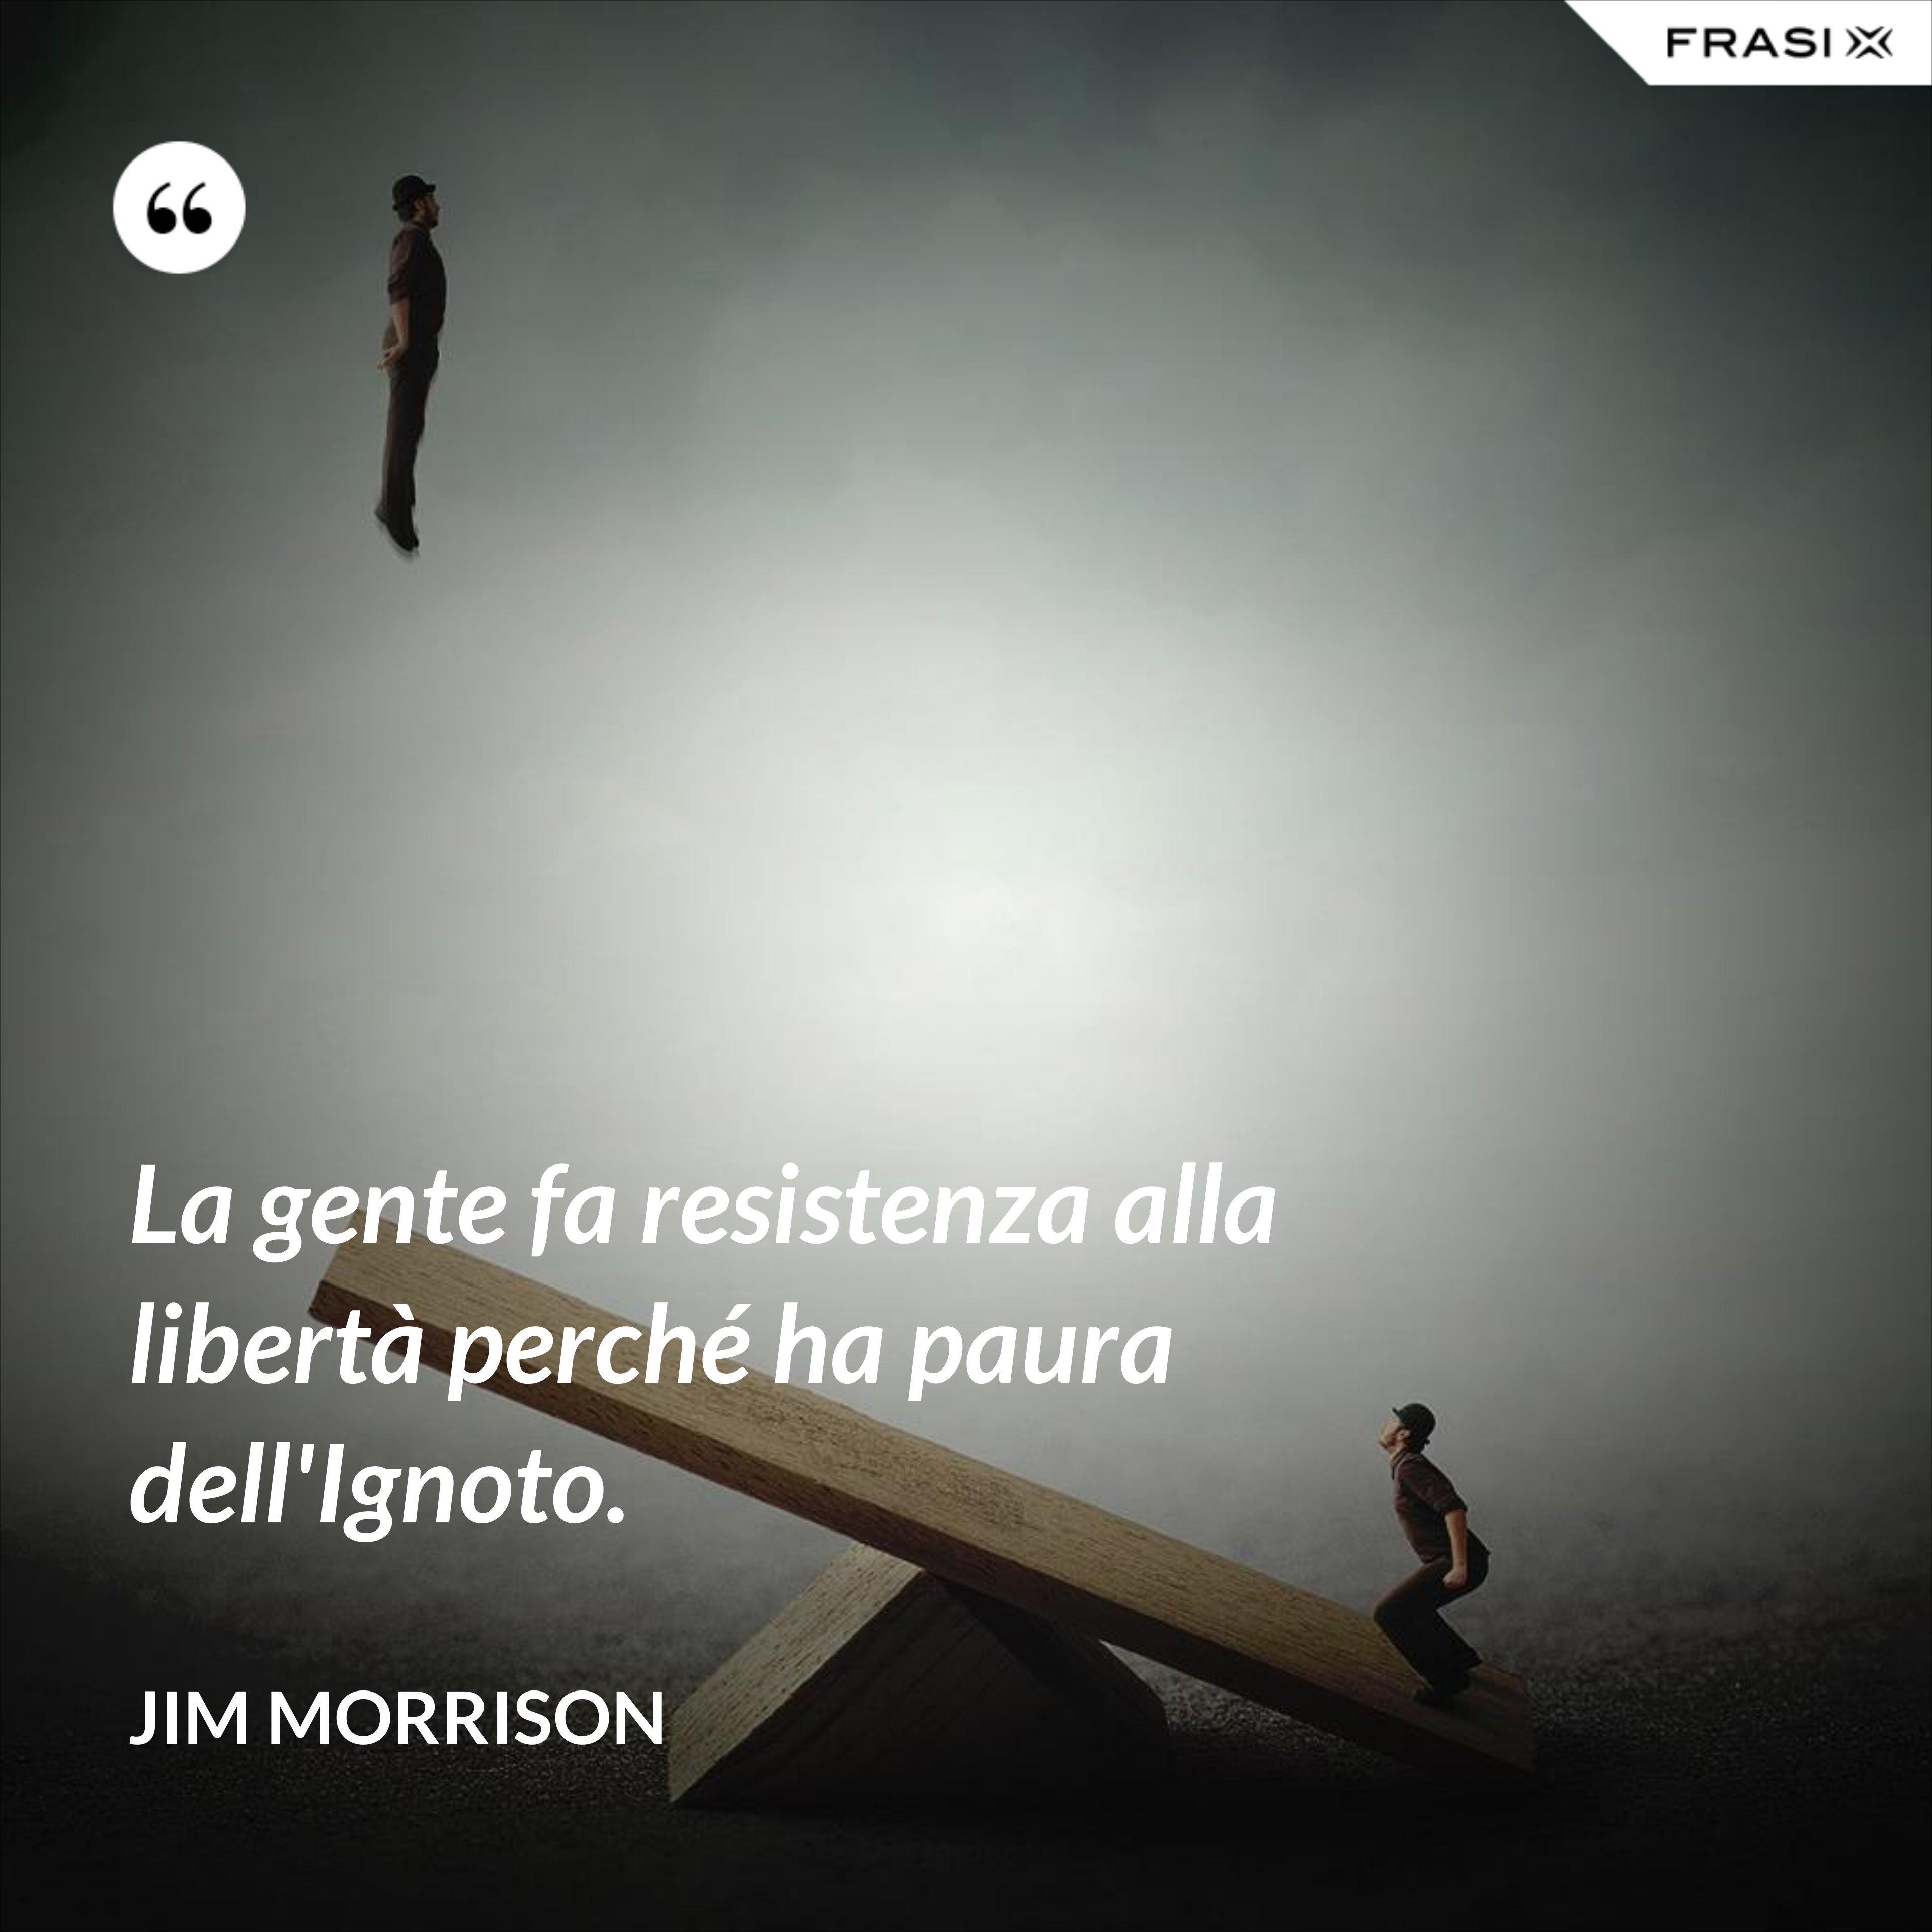 La gente fa resistenza alla libertà perché ha paura dell'Ignoto. - Jim Morrison